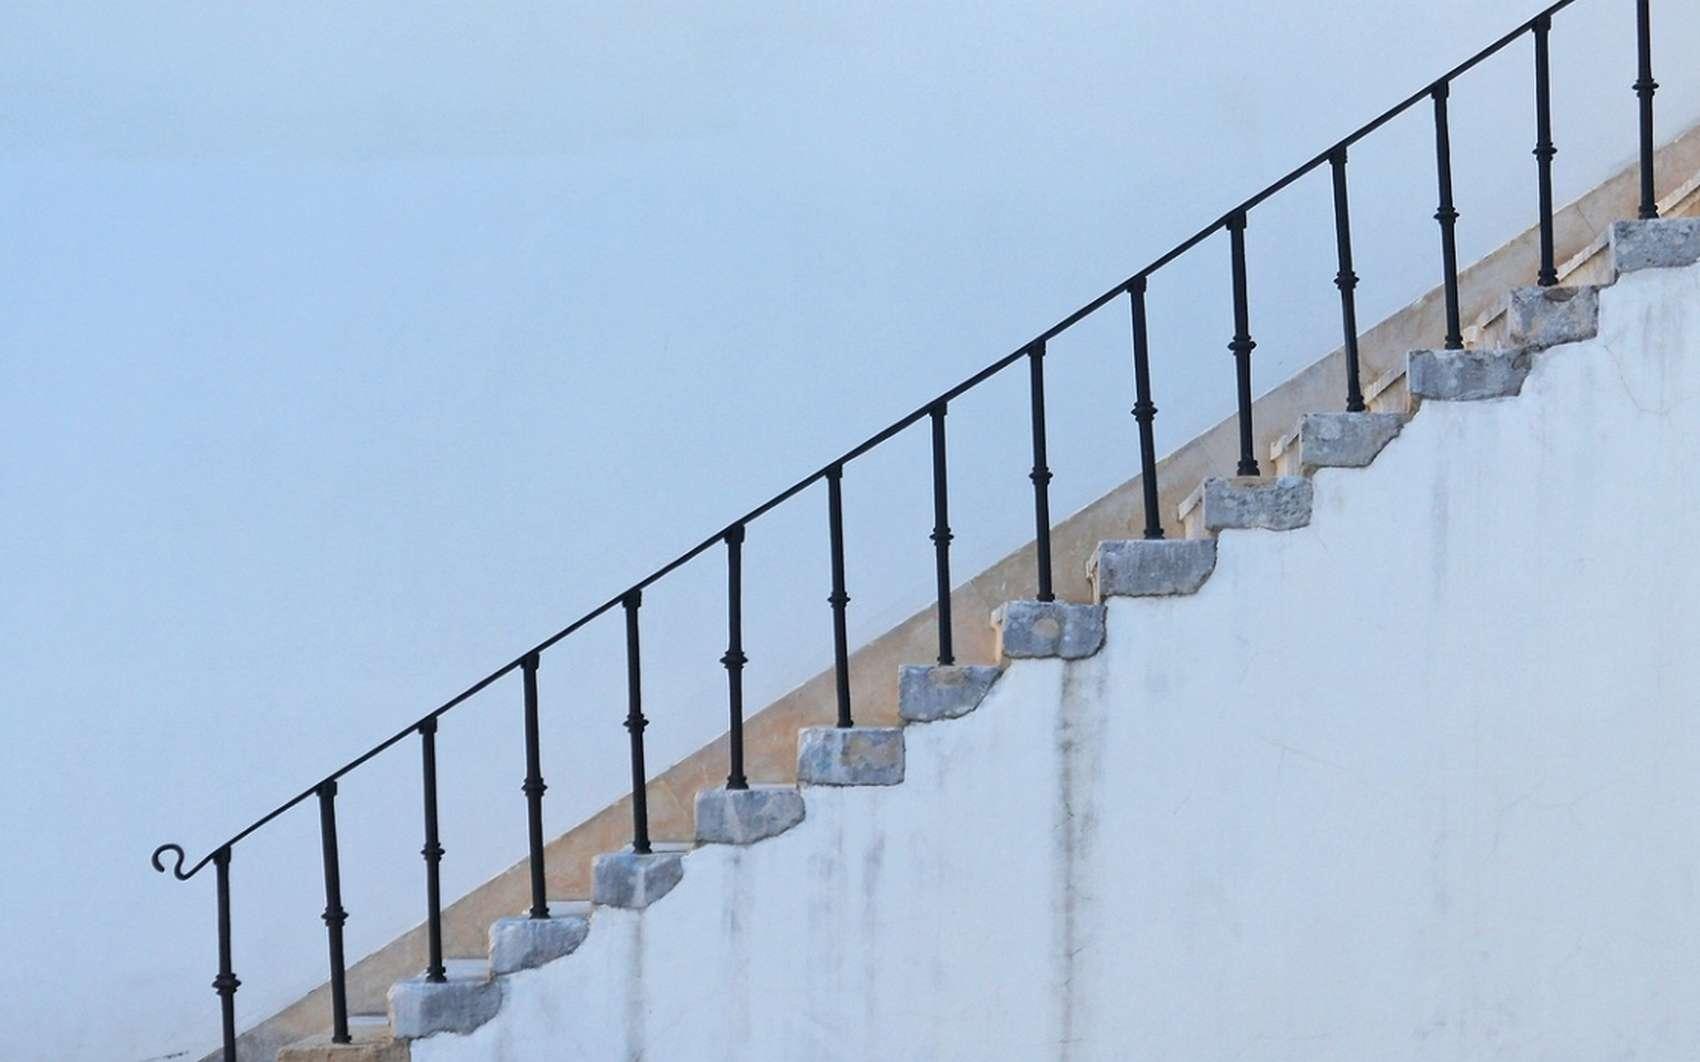 Futura vous explique comment monter un escalier escamotable. © Free-Photos de Pixabay